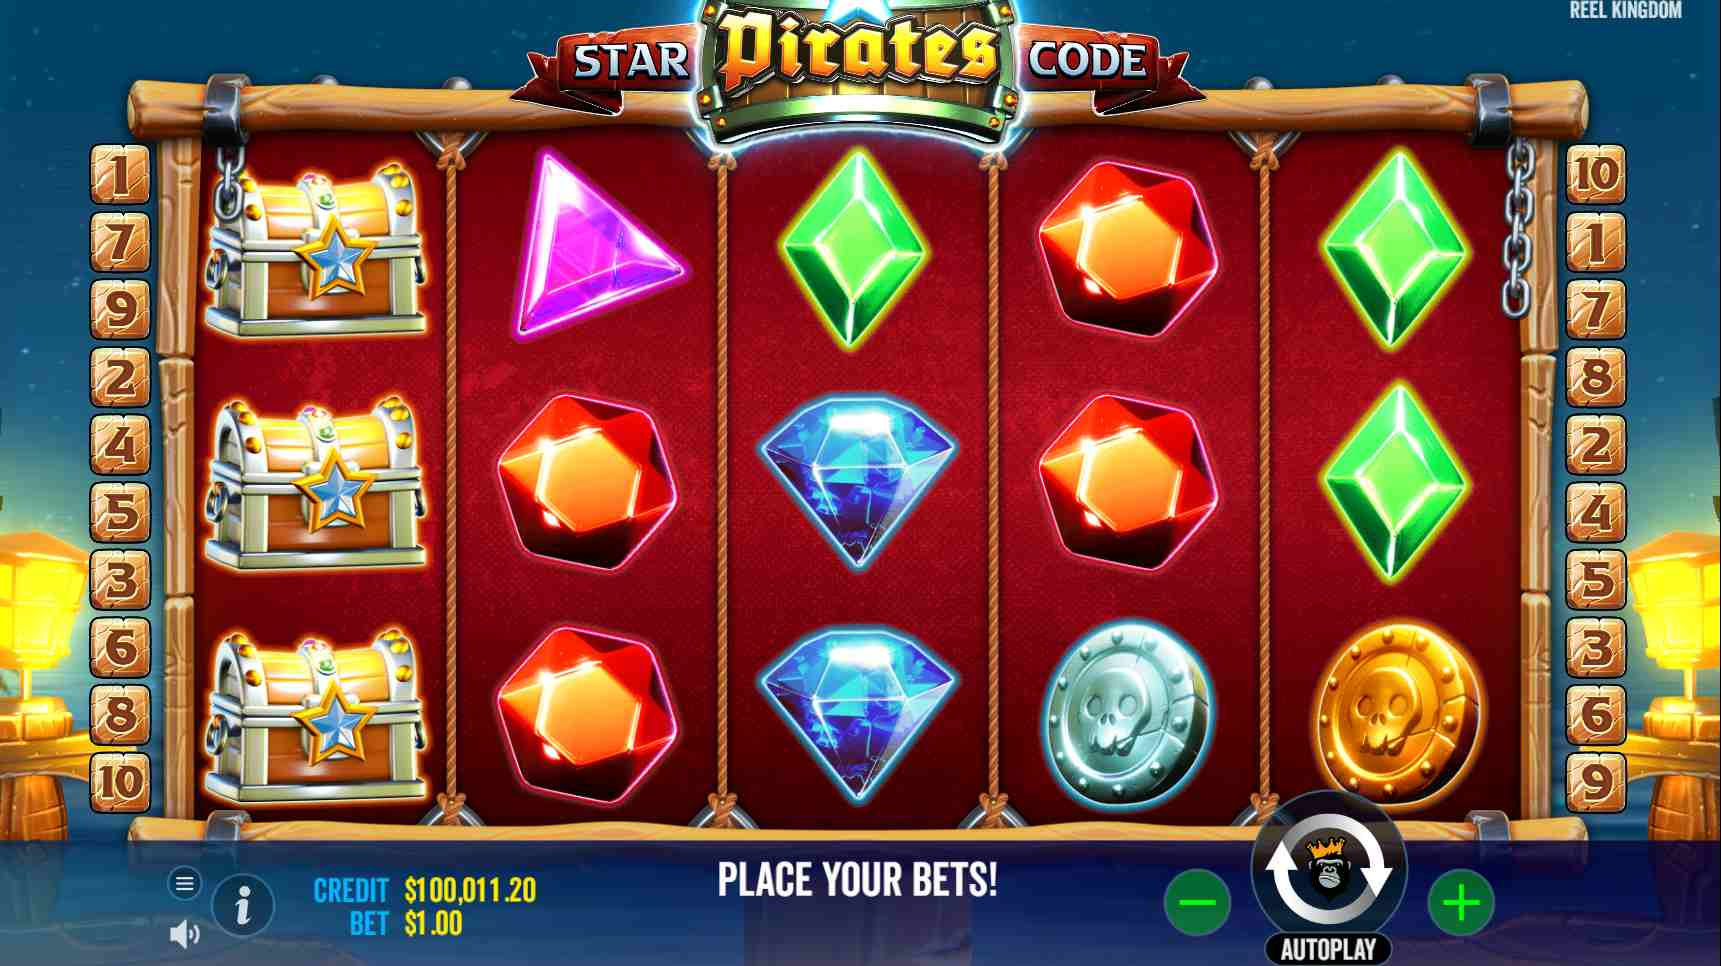 Star Pirates Code Base Game